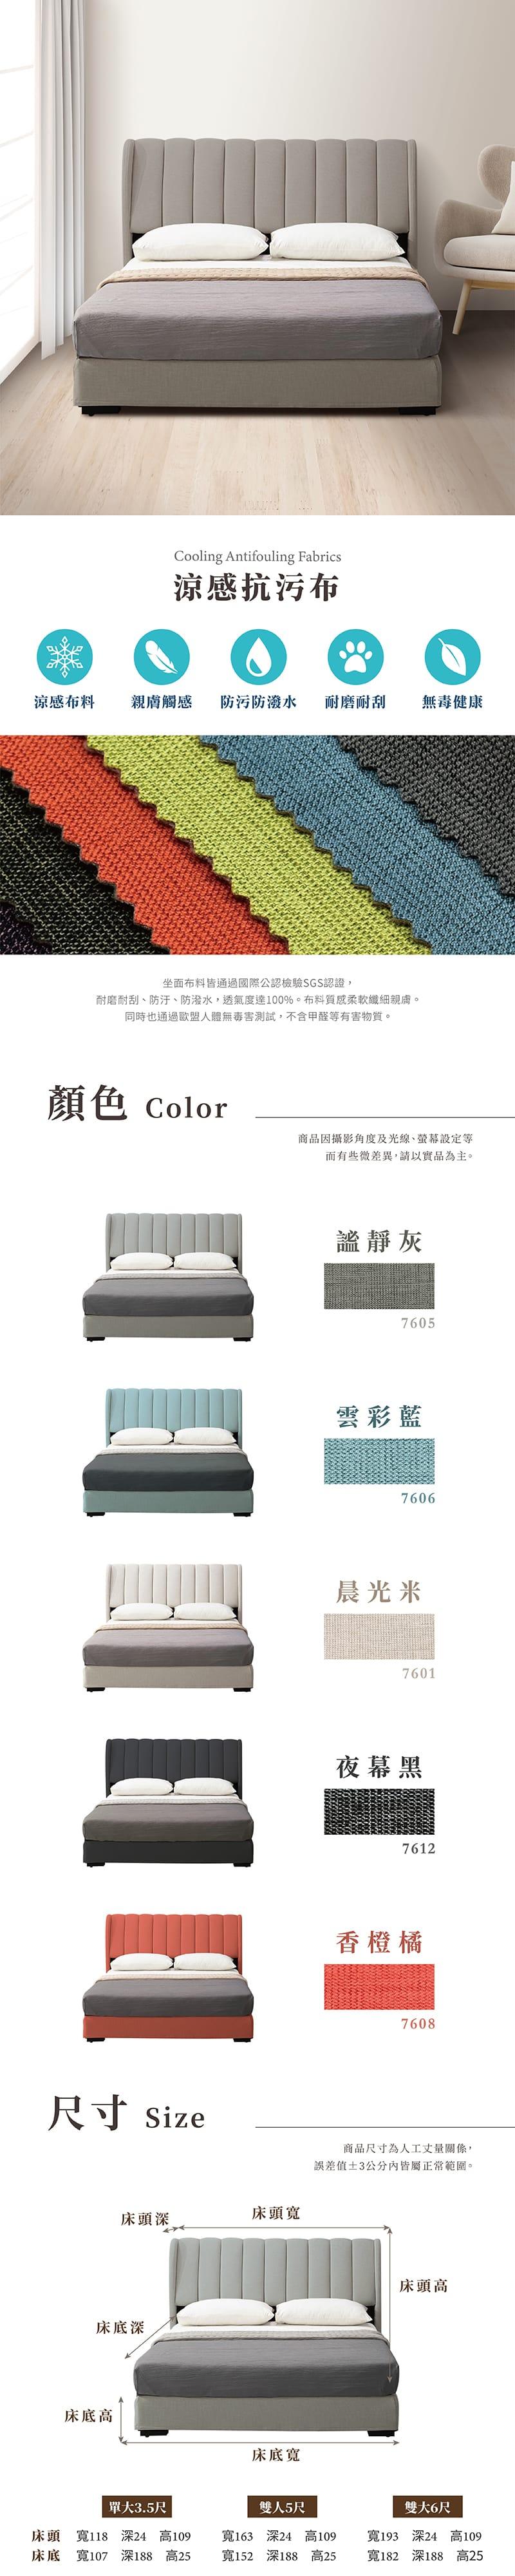 若拉 涼感布床組兩件 雙人加大6尺(床頭片+床底)